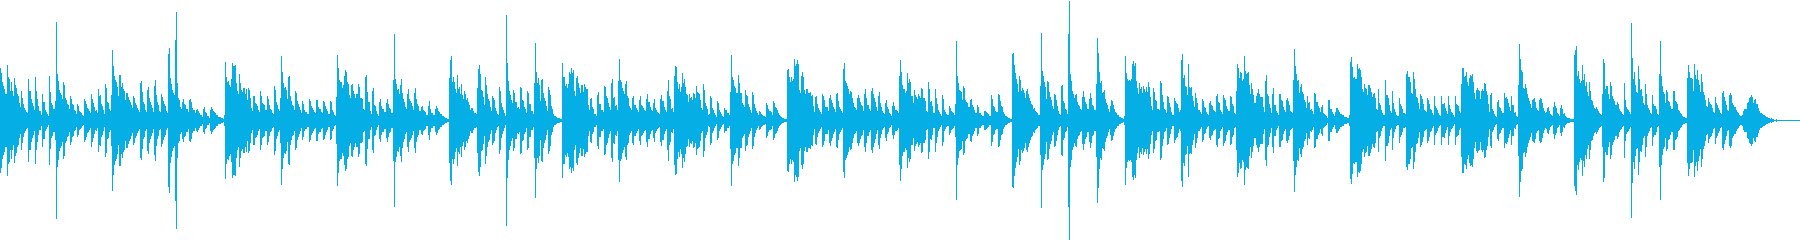 赤ちゃんの不安を取り除くやさしい音楽の再生済みの波形